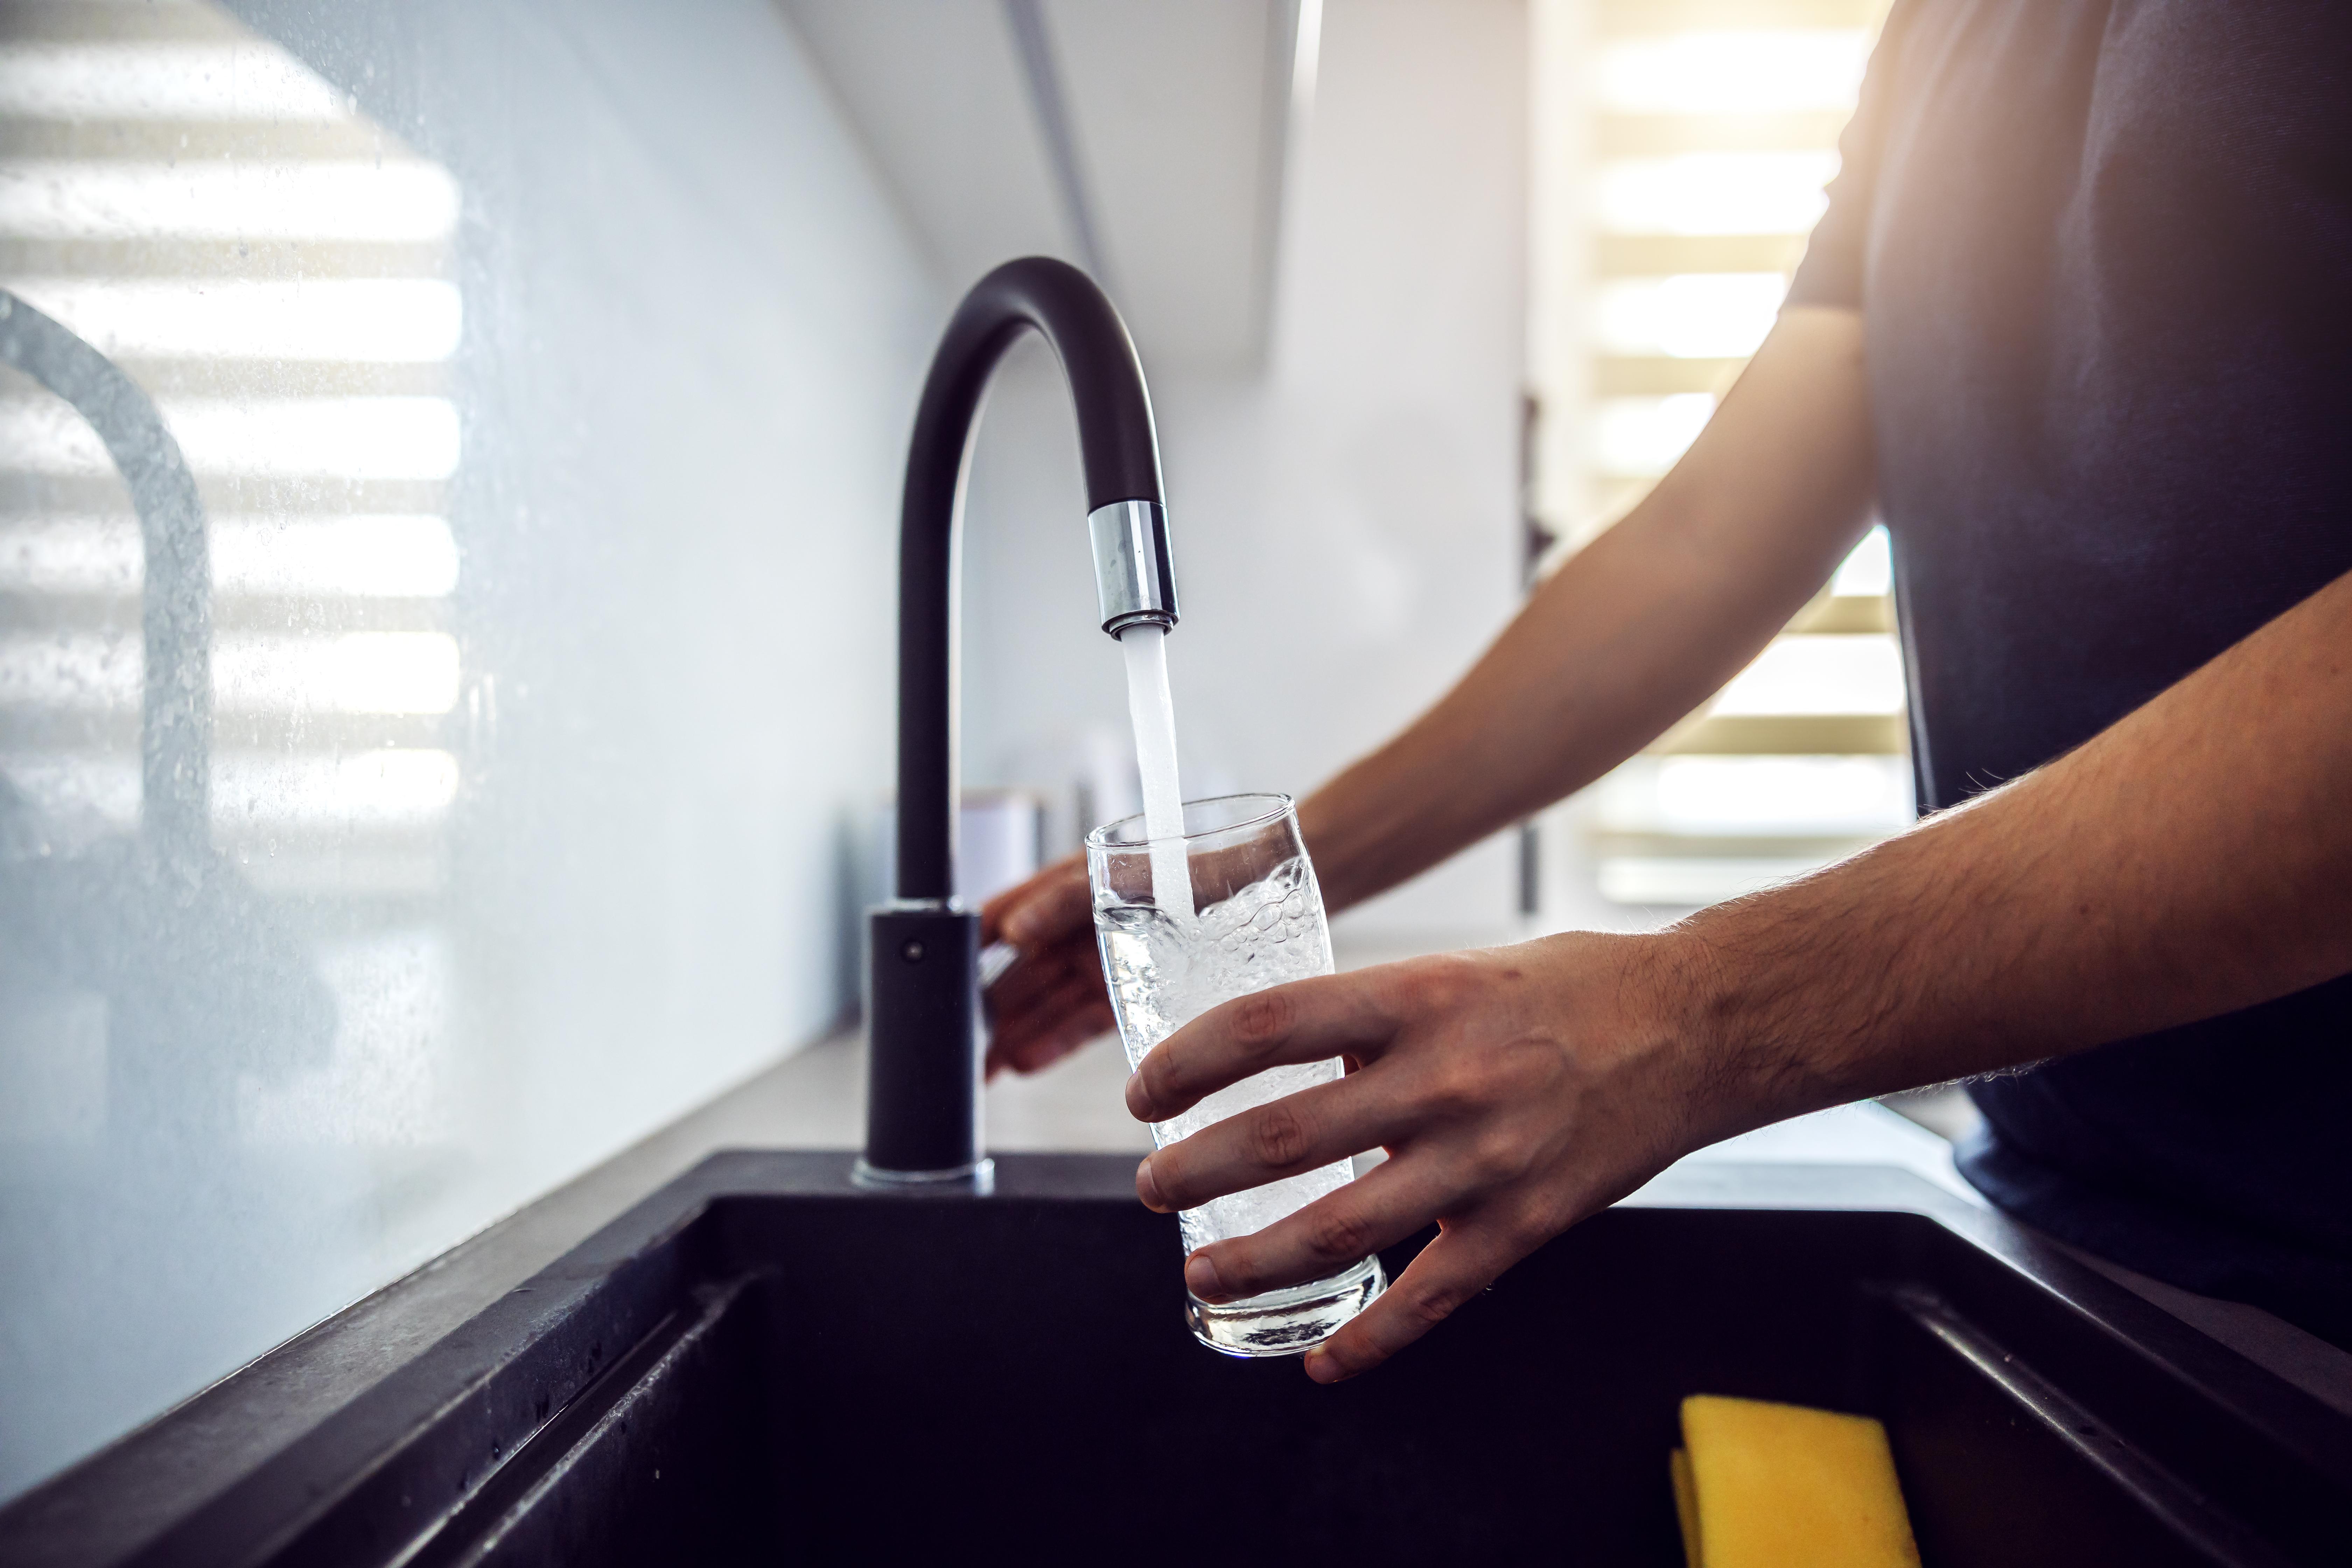 <p><strong>7. Преди всяко хранене пийте чаша вода</strong></p>  <p>Дехидратацията може да ви заблуди, че изпитвате глад. Консумацията на вода или билков чай със сигурност ще ви помогнат за по-лесното спазване на диетата. За щастие водата е единственото нещо, което можете да консумирате без никакви ограничения и да не се притеснявате от приетите калории.</p>